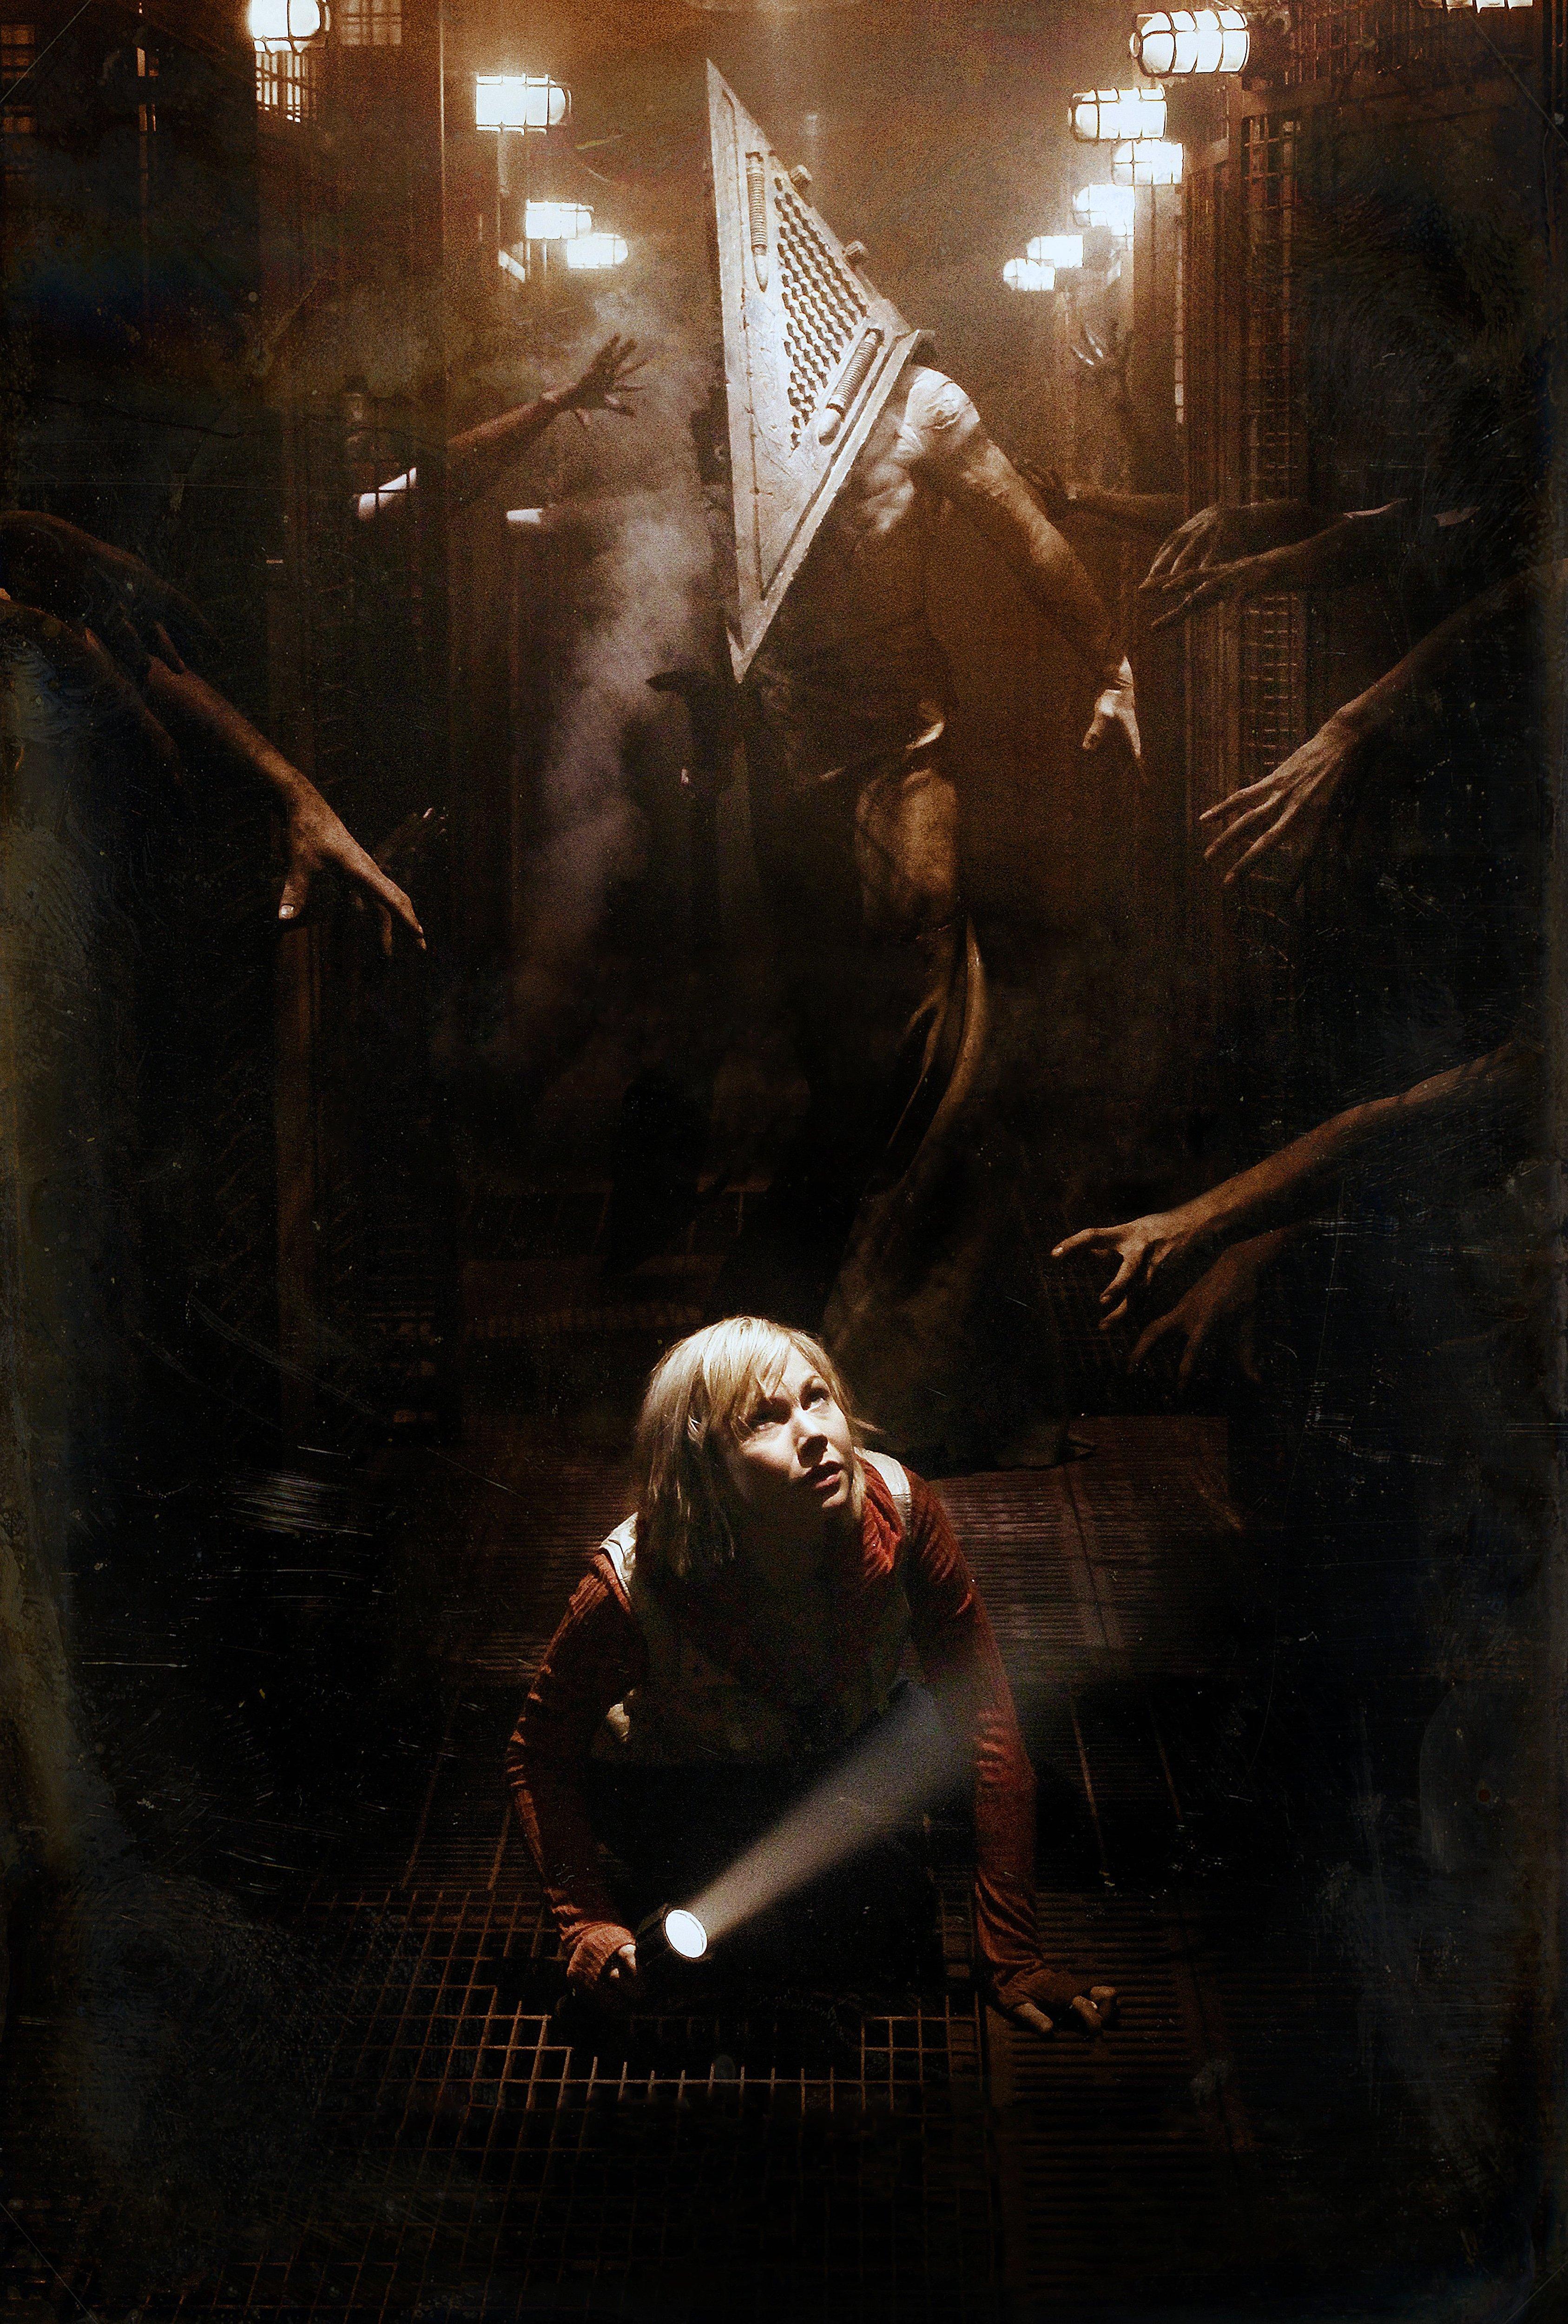 Постеры: Сайлент Хилл 2 / Постер фильма «Сайлент Хилл 2 ...